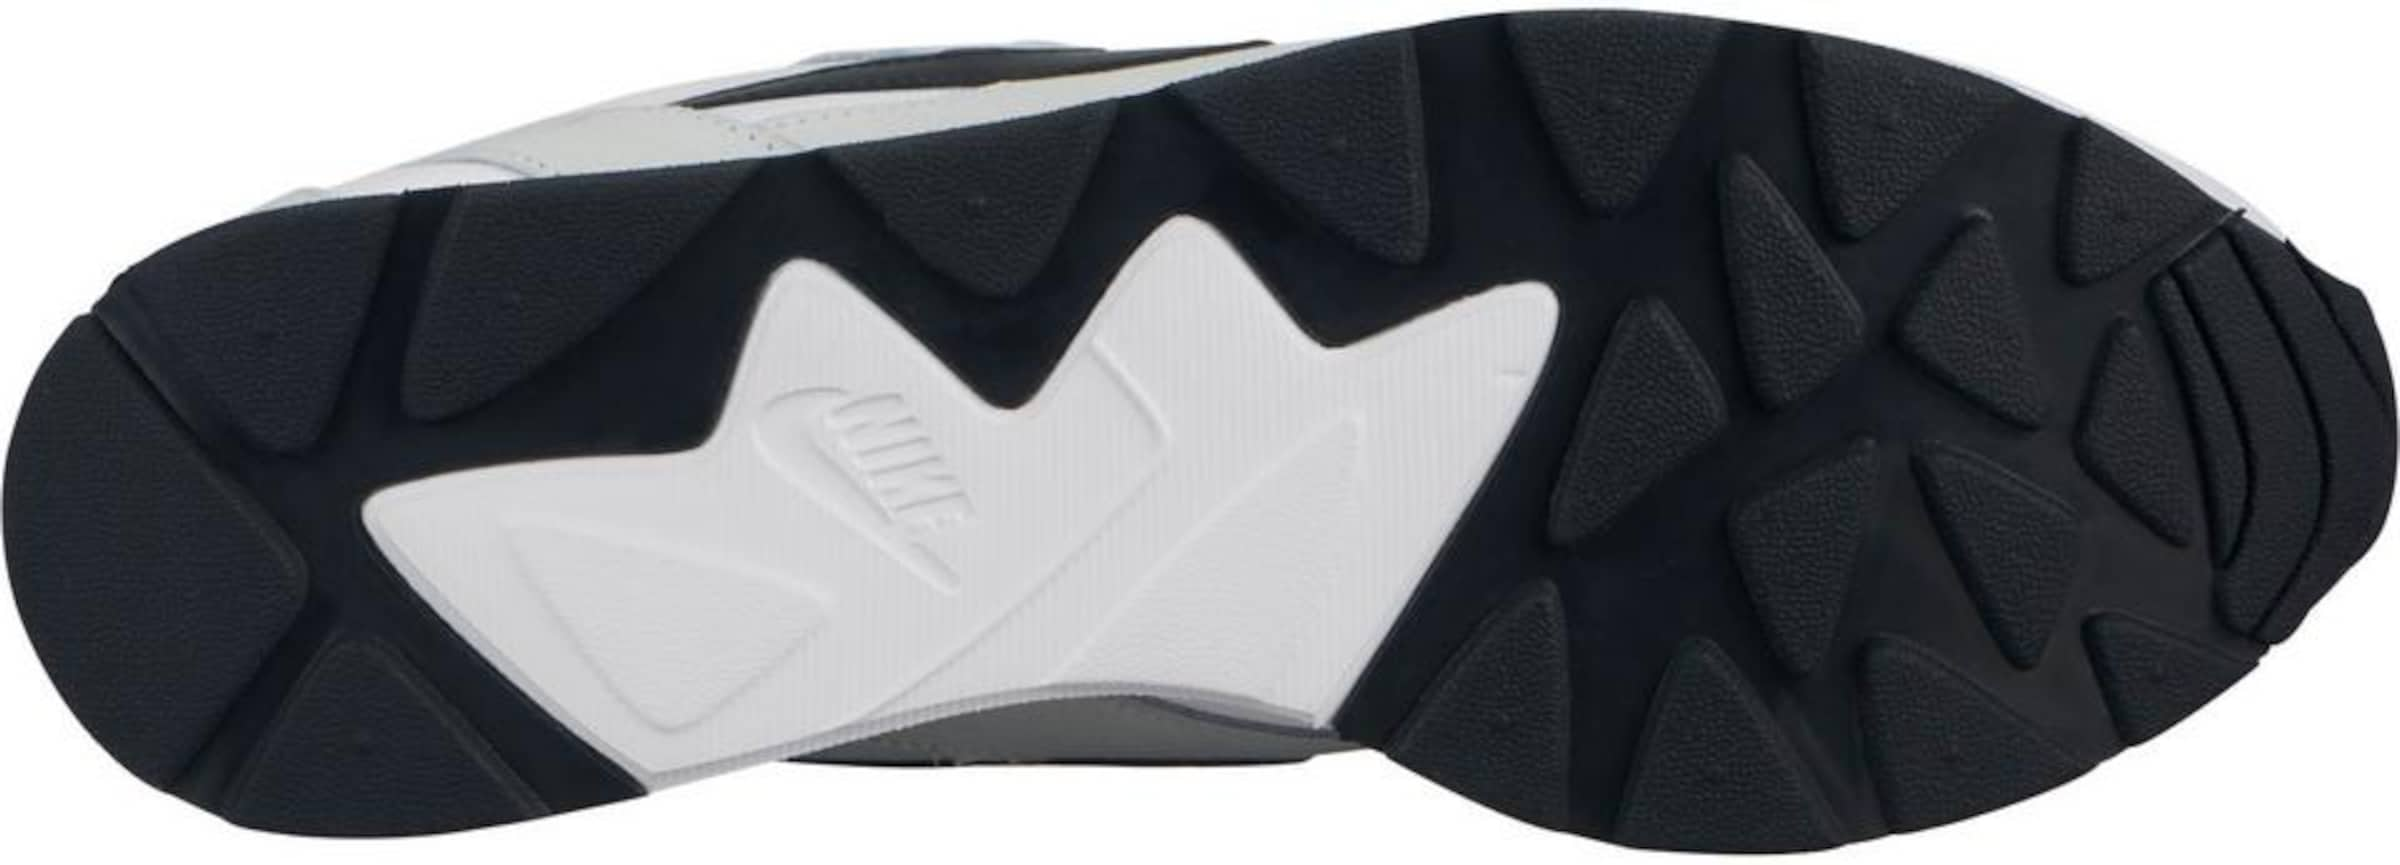 Sneaker Weiß 'delfine' In Sportswear Nike GrauSchwarz W9DHEI2